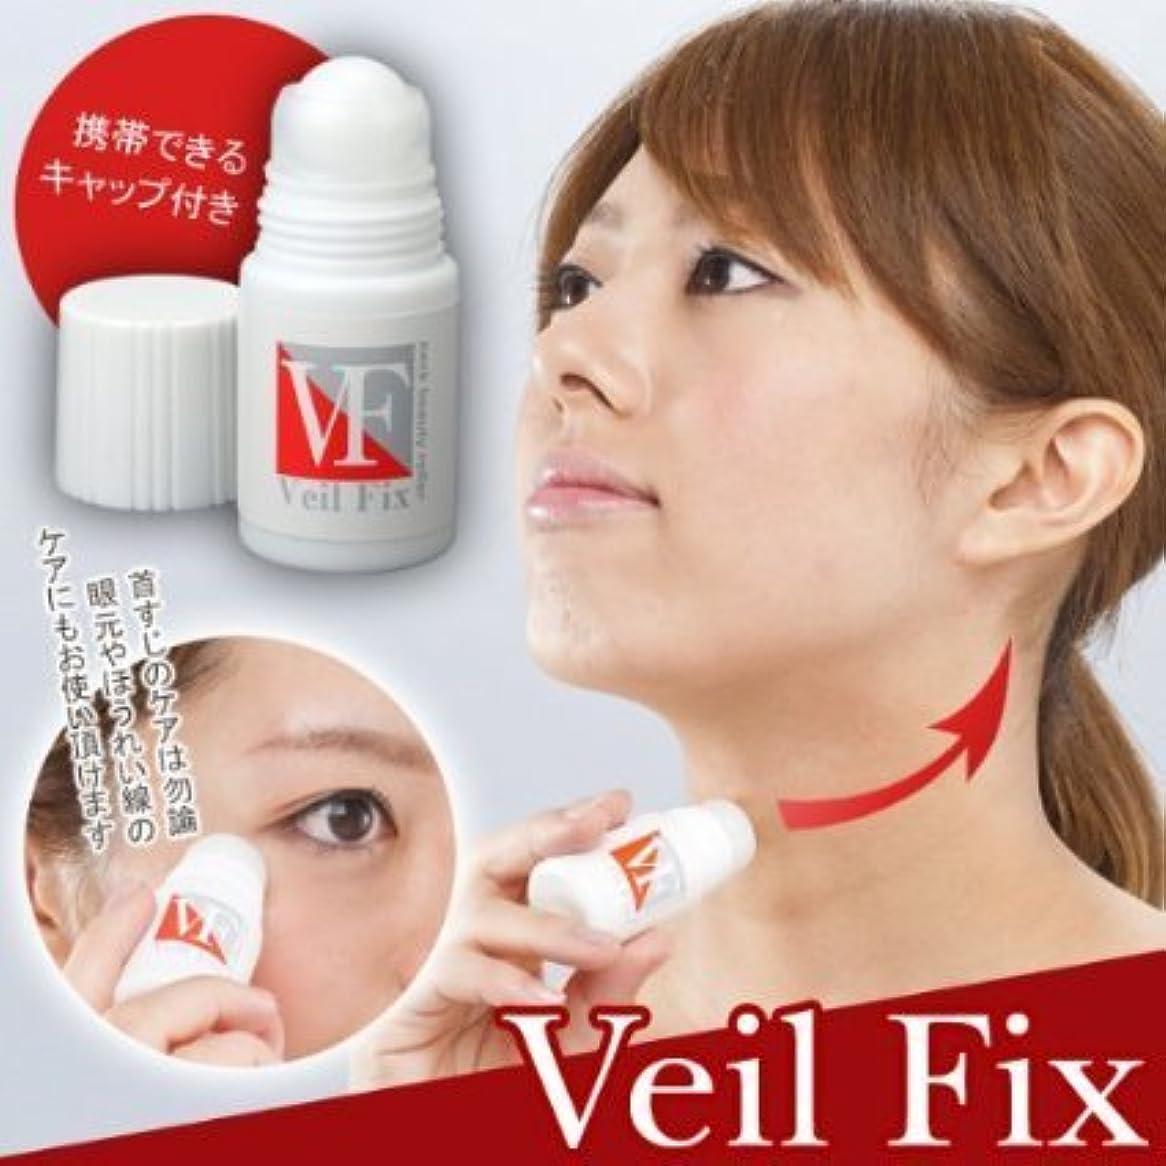 刈り取る敵対的寂しいVeil Fix neck beauty roller(ヴェイル フィックス ネックビューティーローラー)VFエッセンス 20ml